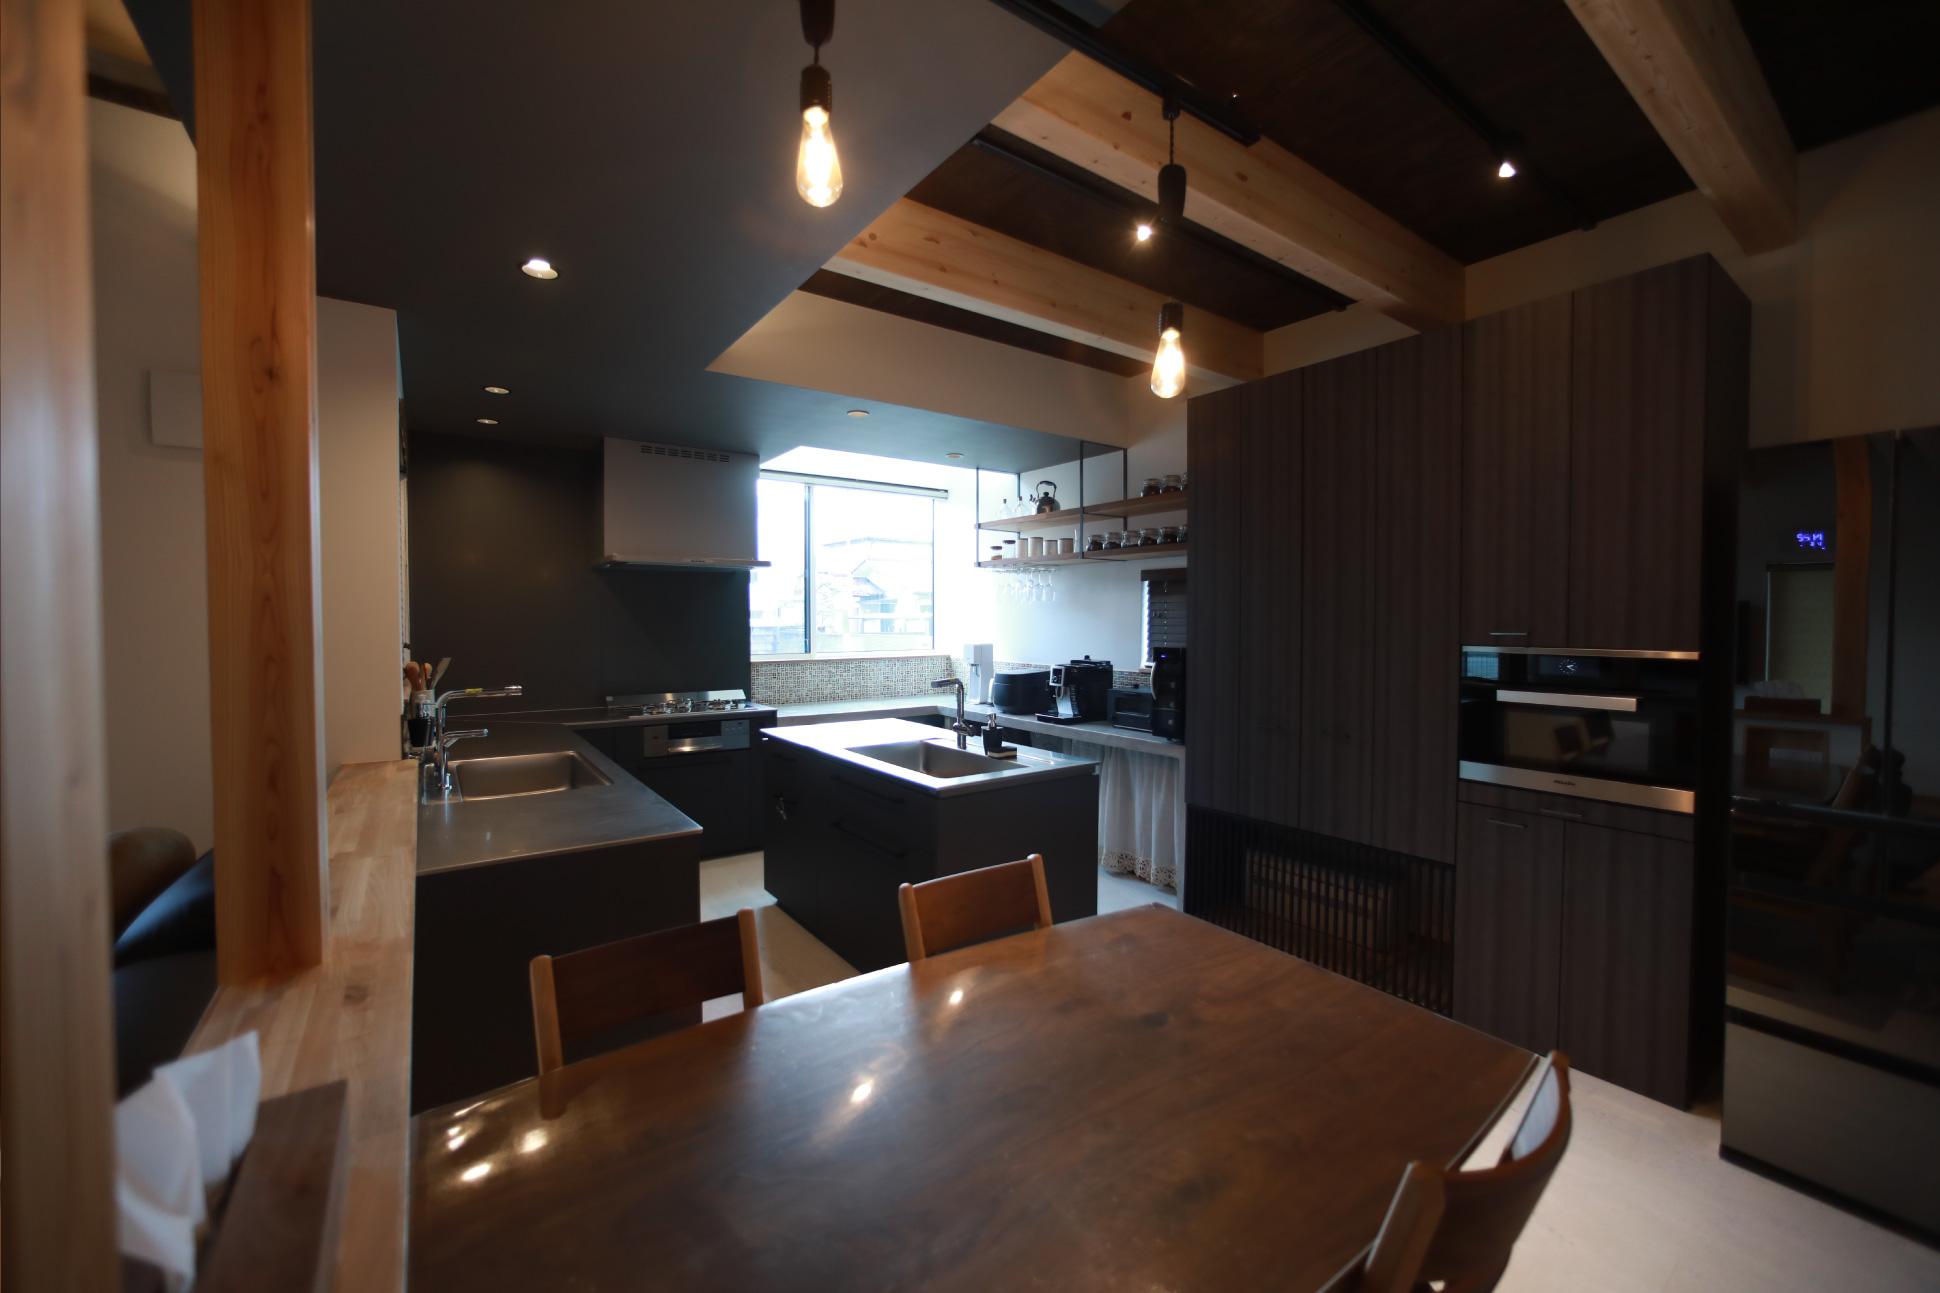 手の届く範囲と、複数で料理を楽しむ:君津市戸建て新築